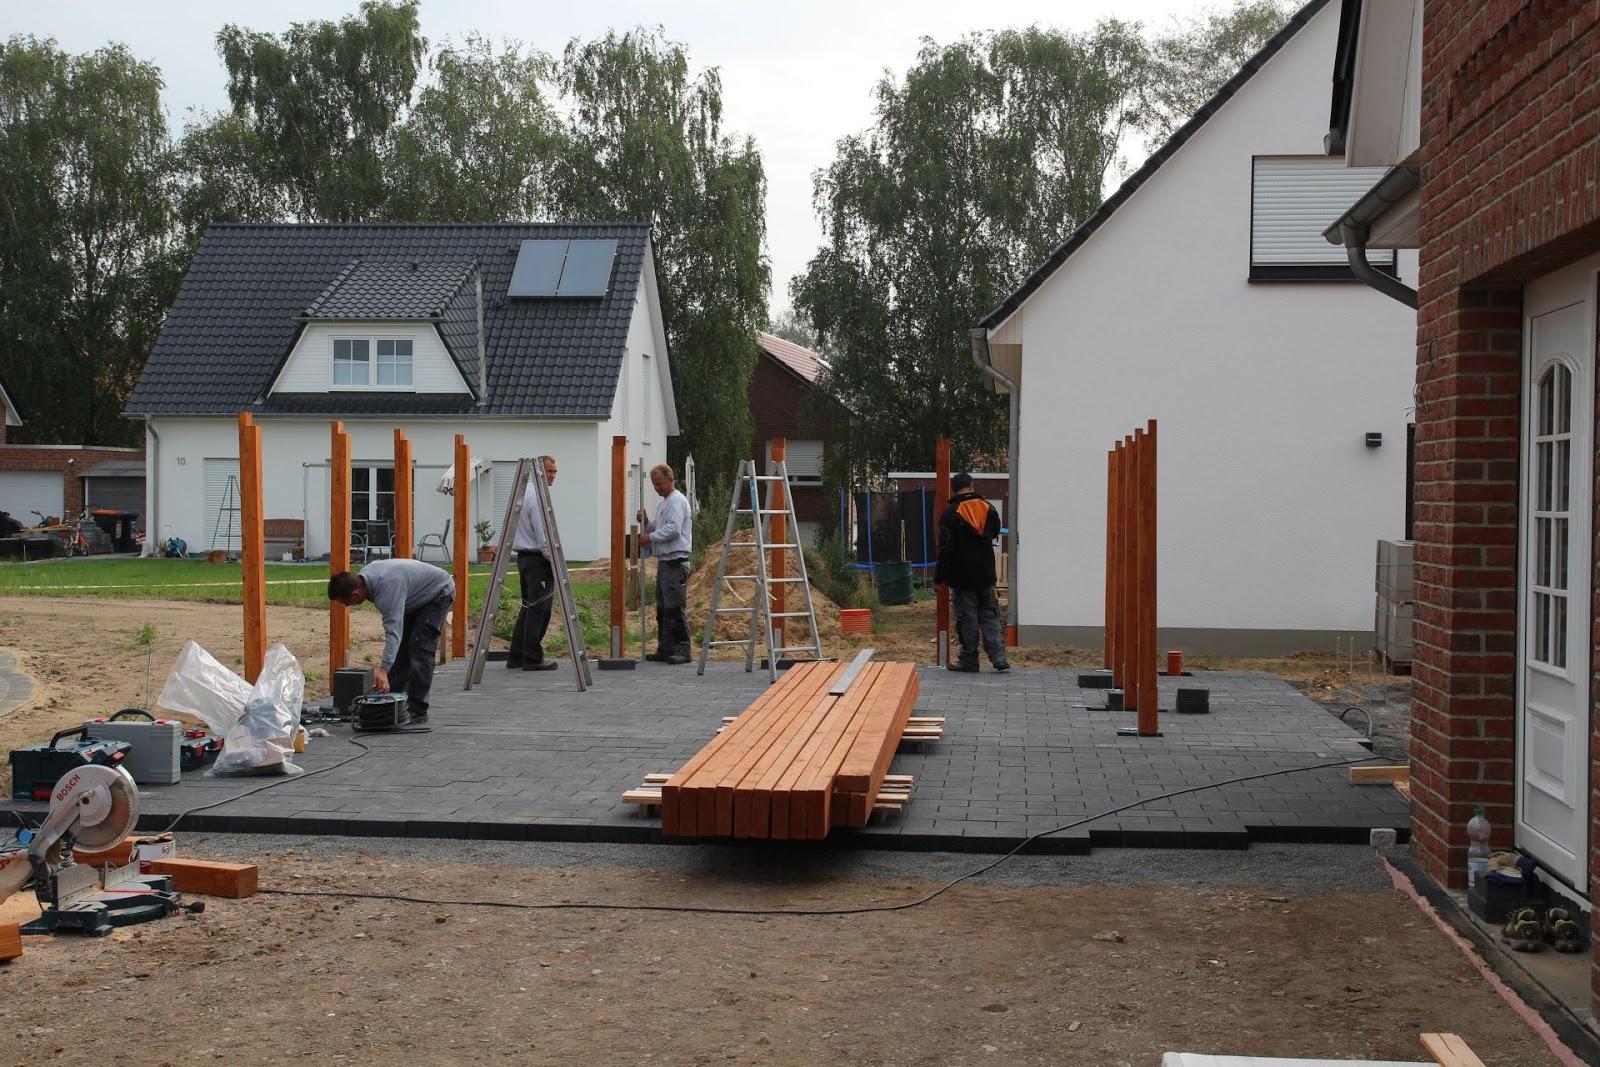 Carport Aufbau unser kühnes friesenhaus august 2014